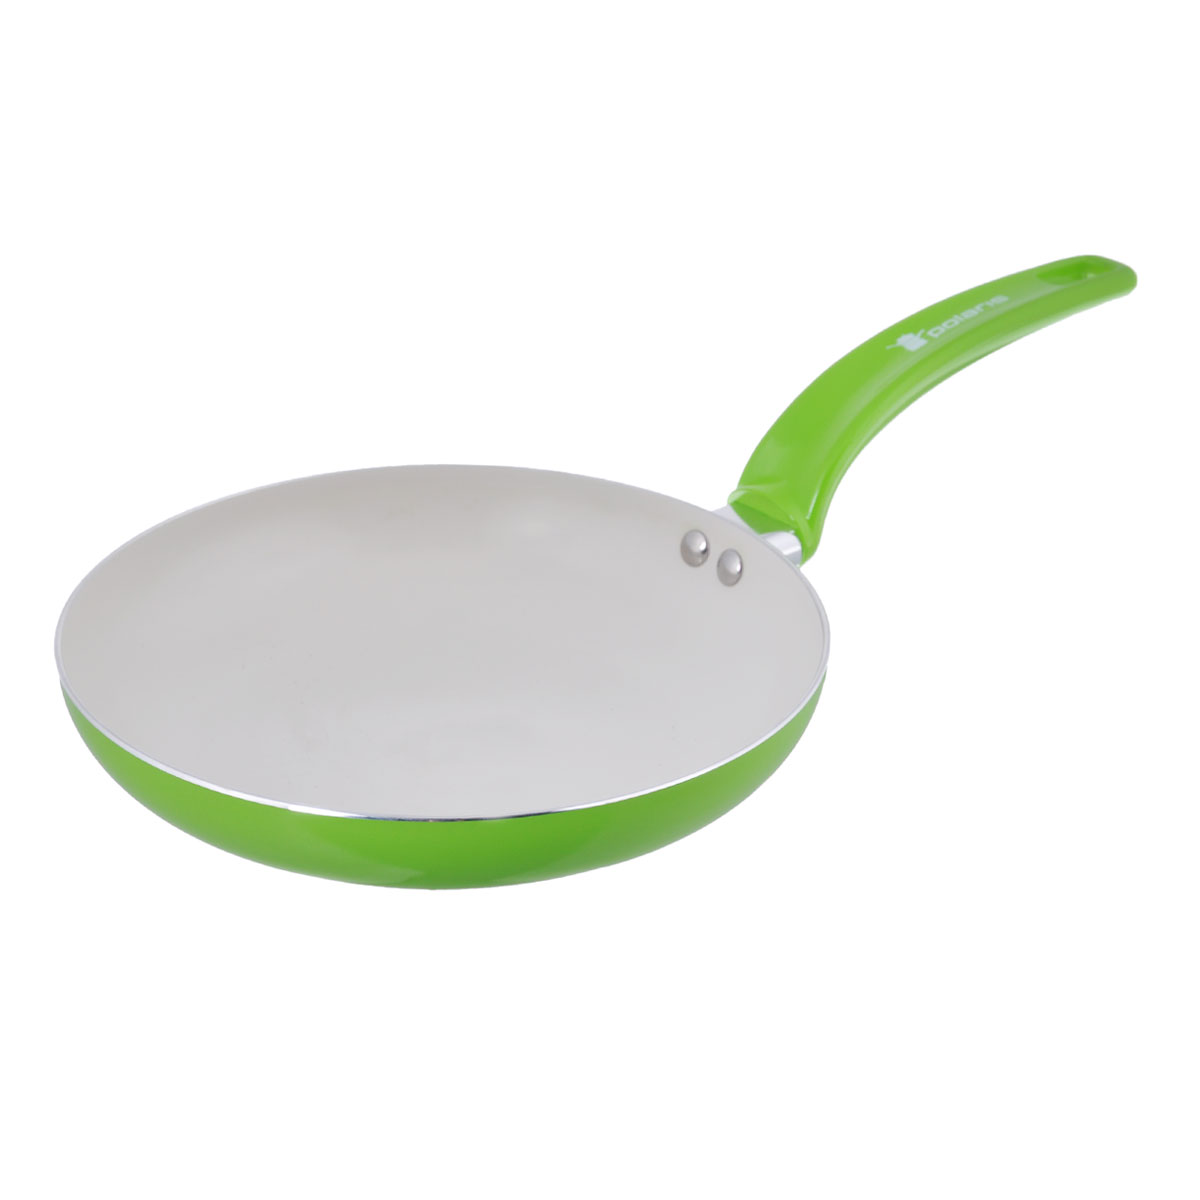 Сковорода Polaris Rainbow, с керамическим покрытием, цвет: салатовый. Диаметр 24 см54 009312Сковорода Polaris Rainbow изготовлена из штампованного алюминия толщиной 2,5 мм с керамическим антипригарным покрытием. Данное покрытие является абсолютно экологичным и не содержит вредных веществ, таких как PTFE и PFOA. Это позволяет готовить здоровую пищу с минимальным добавлением жира или подсолнечного масла. Сковорода быстро разогревается и распределяет тепло по всей поверхности.Сковорода оснащена удобной ручкой из бакелита. Изделие подходит для газовых, электрических, стеклокерамических плит. Не подходит для индукционных плит. Сковороду можно мыть в посудомоечной машине. Не использовать в СВЧ-печах.Высота стенки: 4,5 см.Толщина стенки: 2,5 мм.Толщина дна: 2,5 мм.Длина ручки: 18 см.